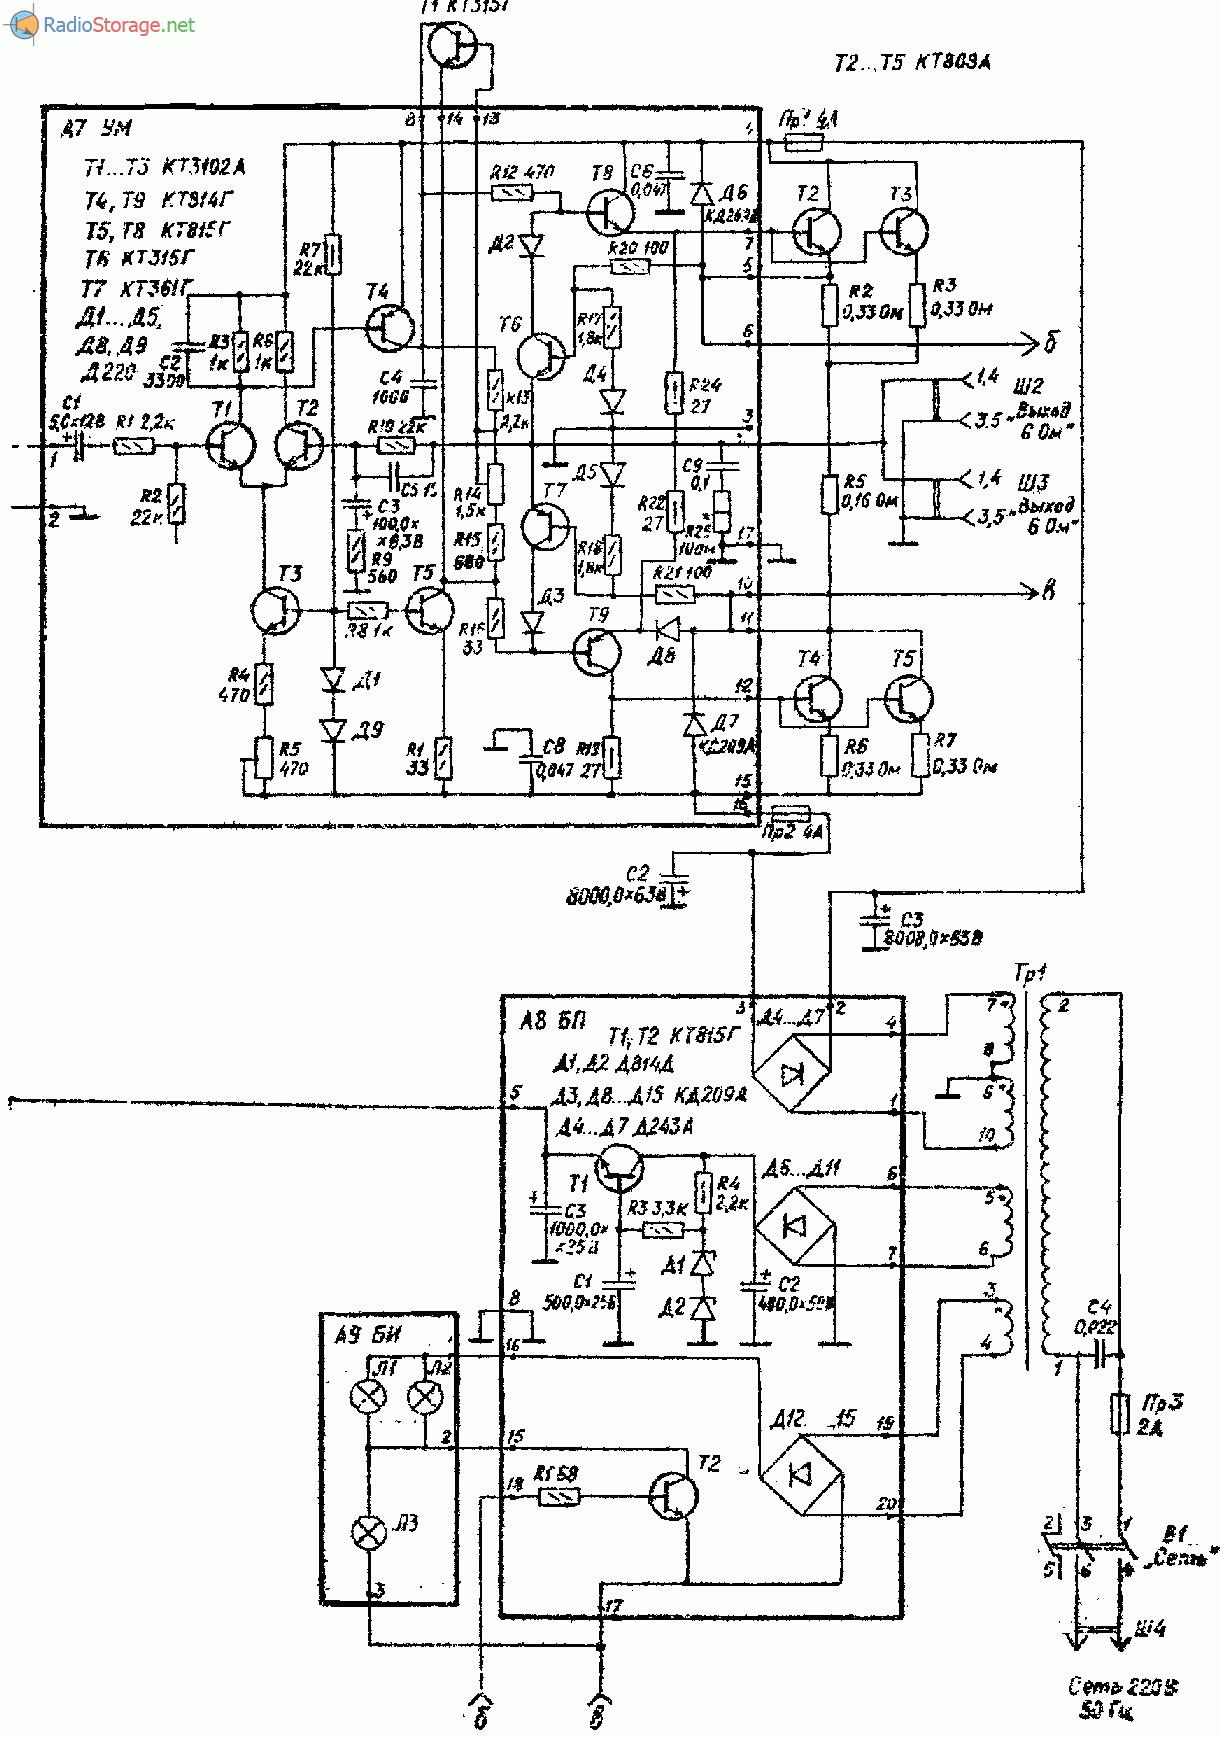 катунь 501 схема принципиальная